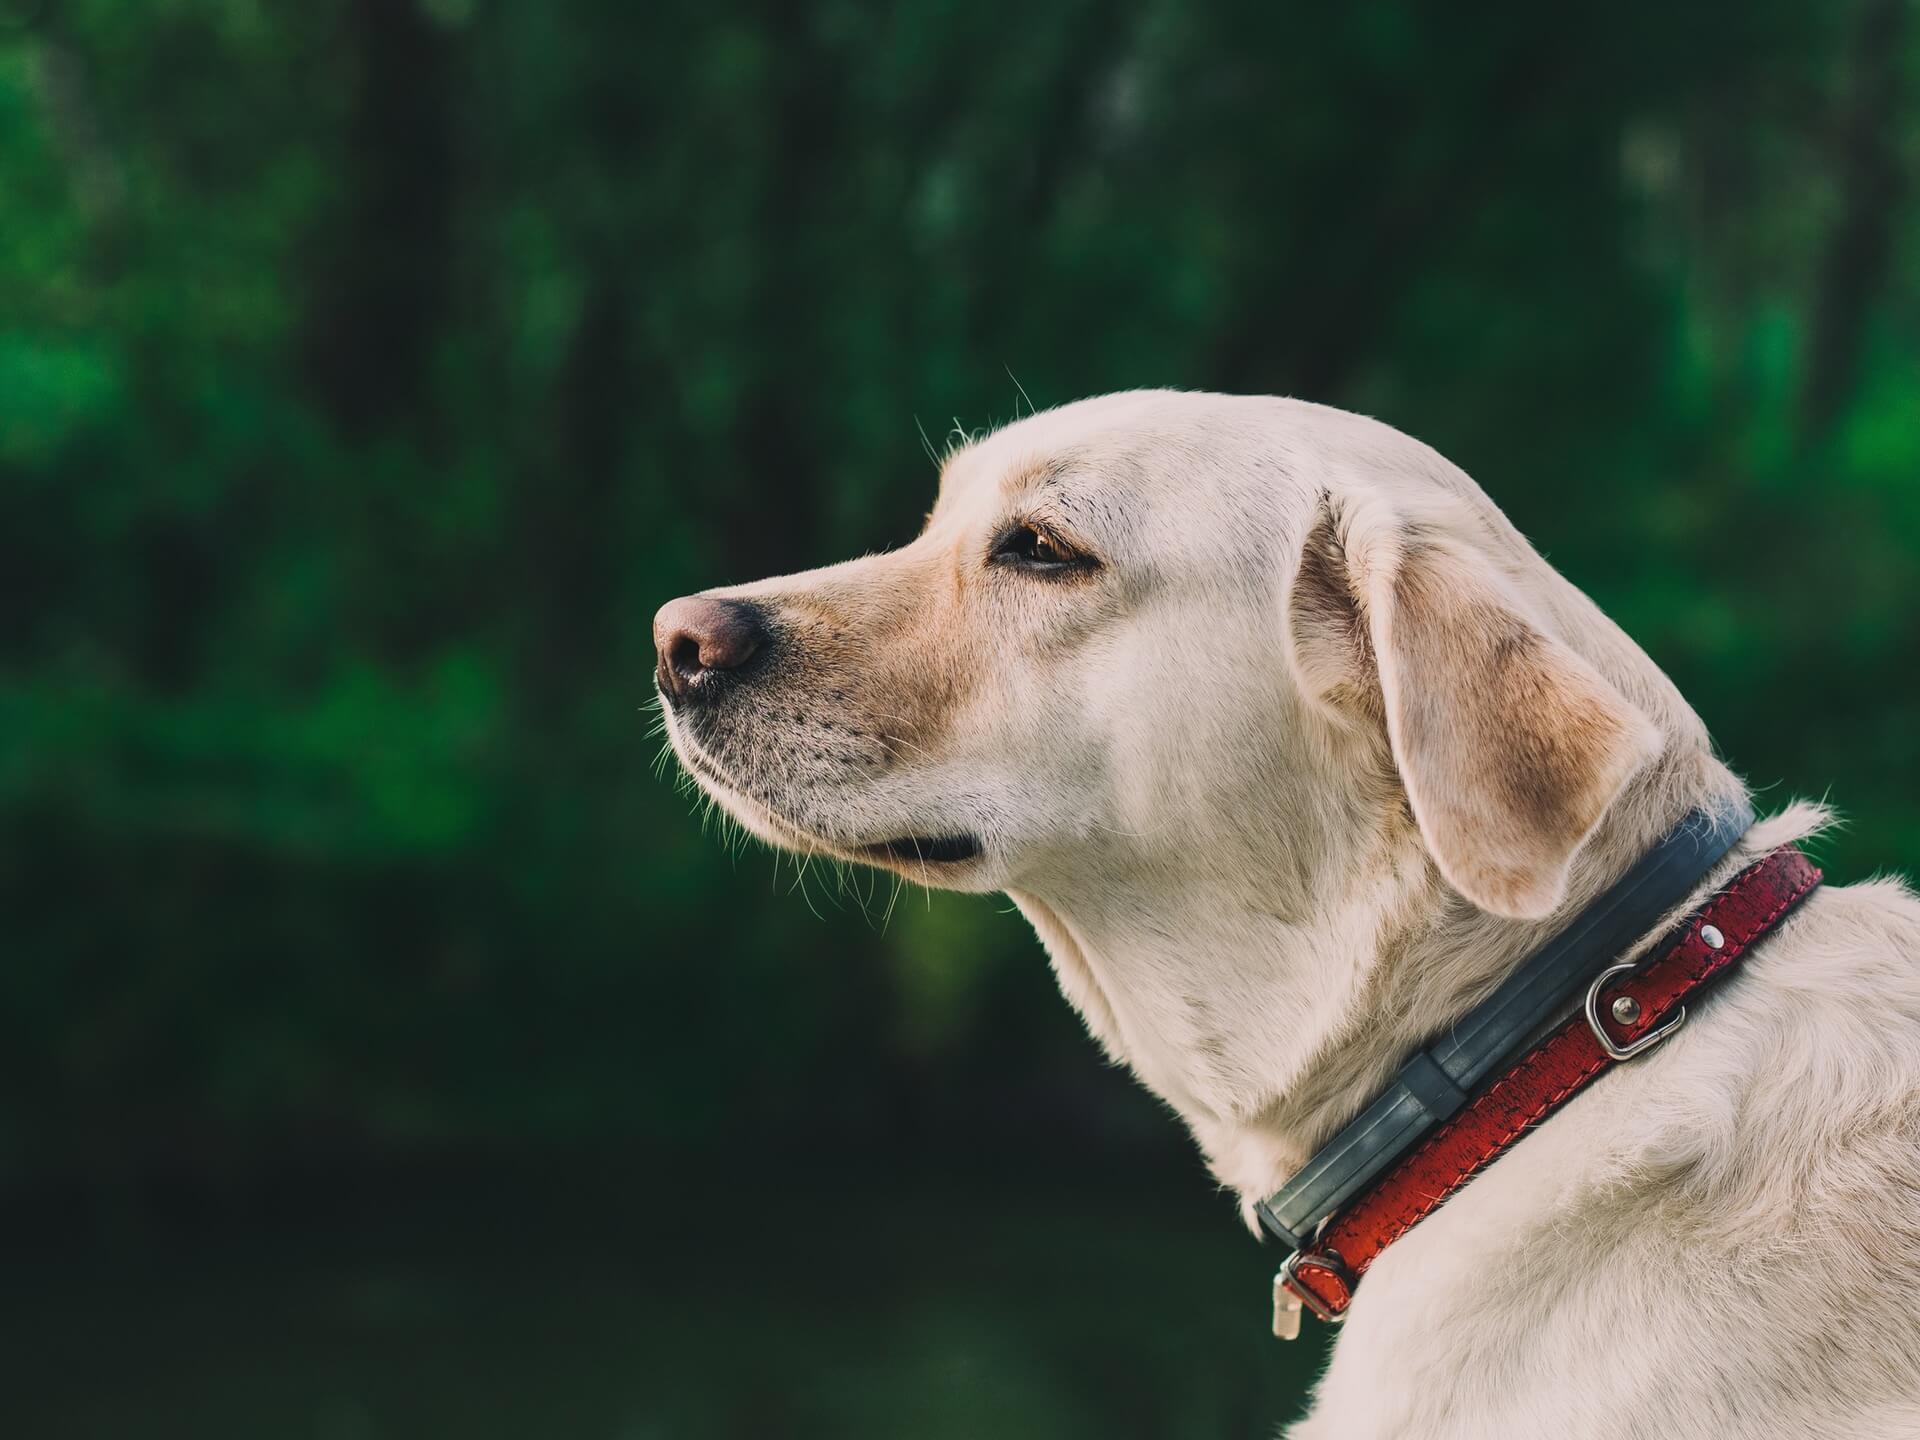 collier anti-puce seresto chien